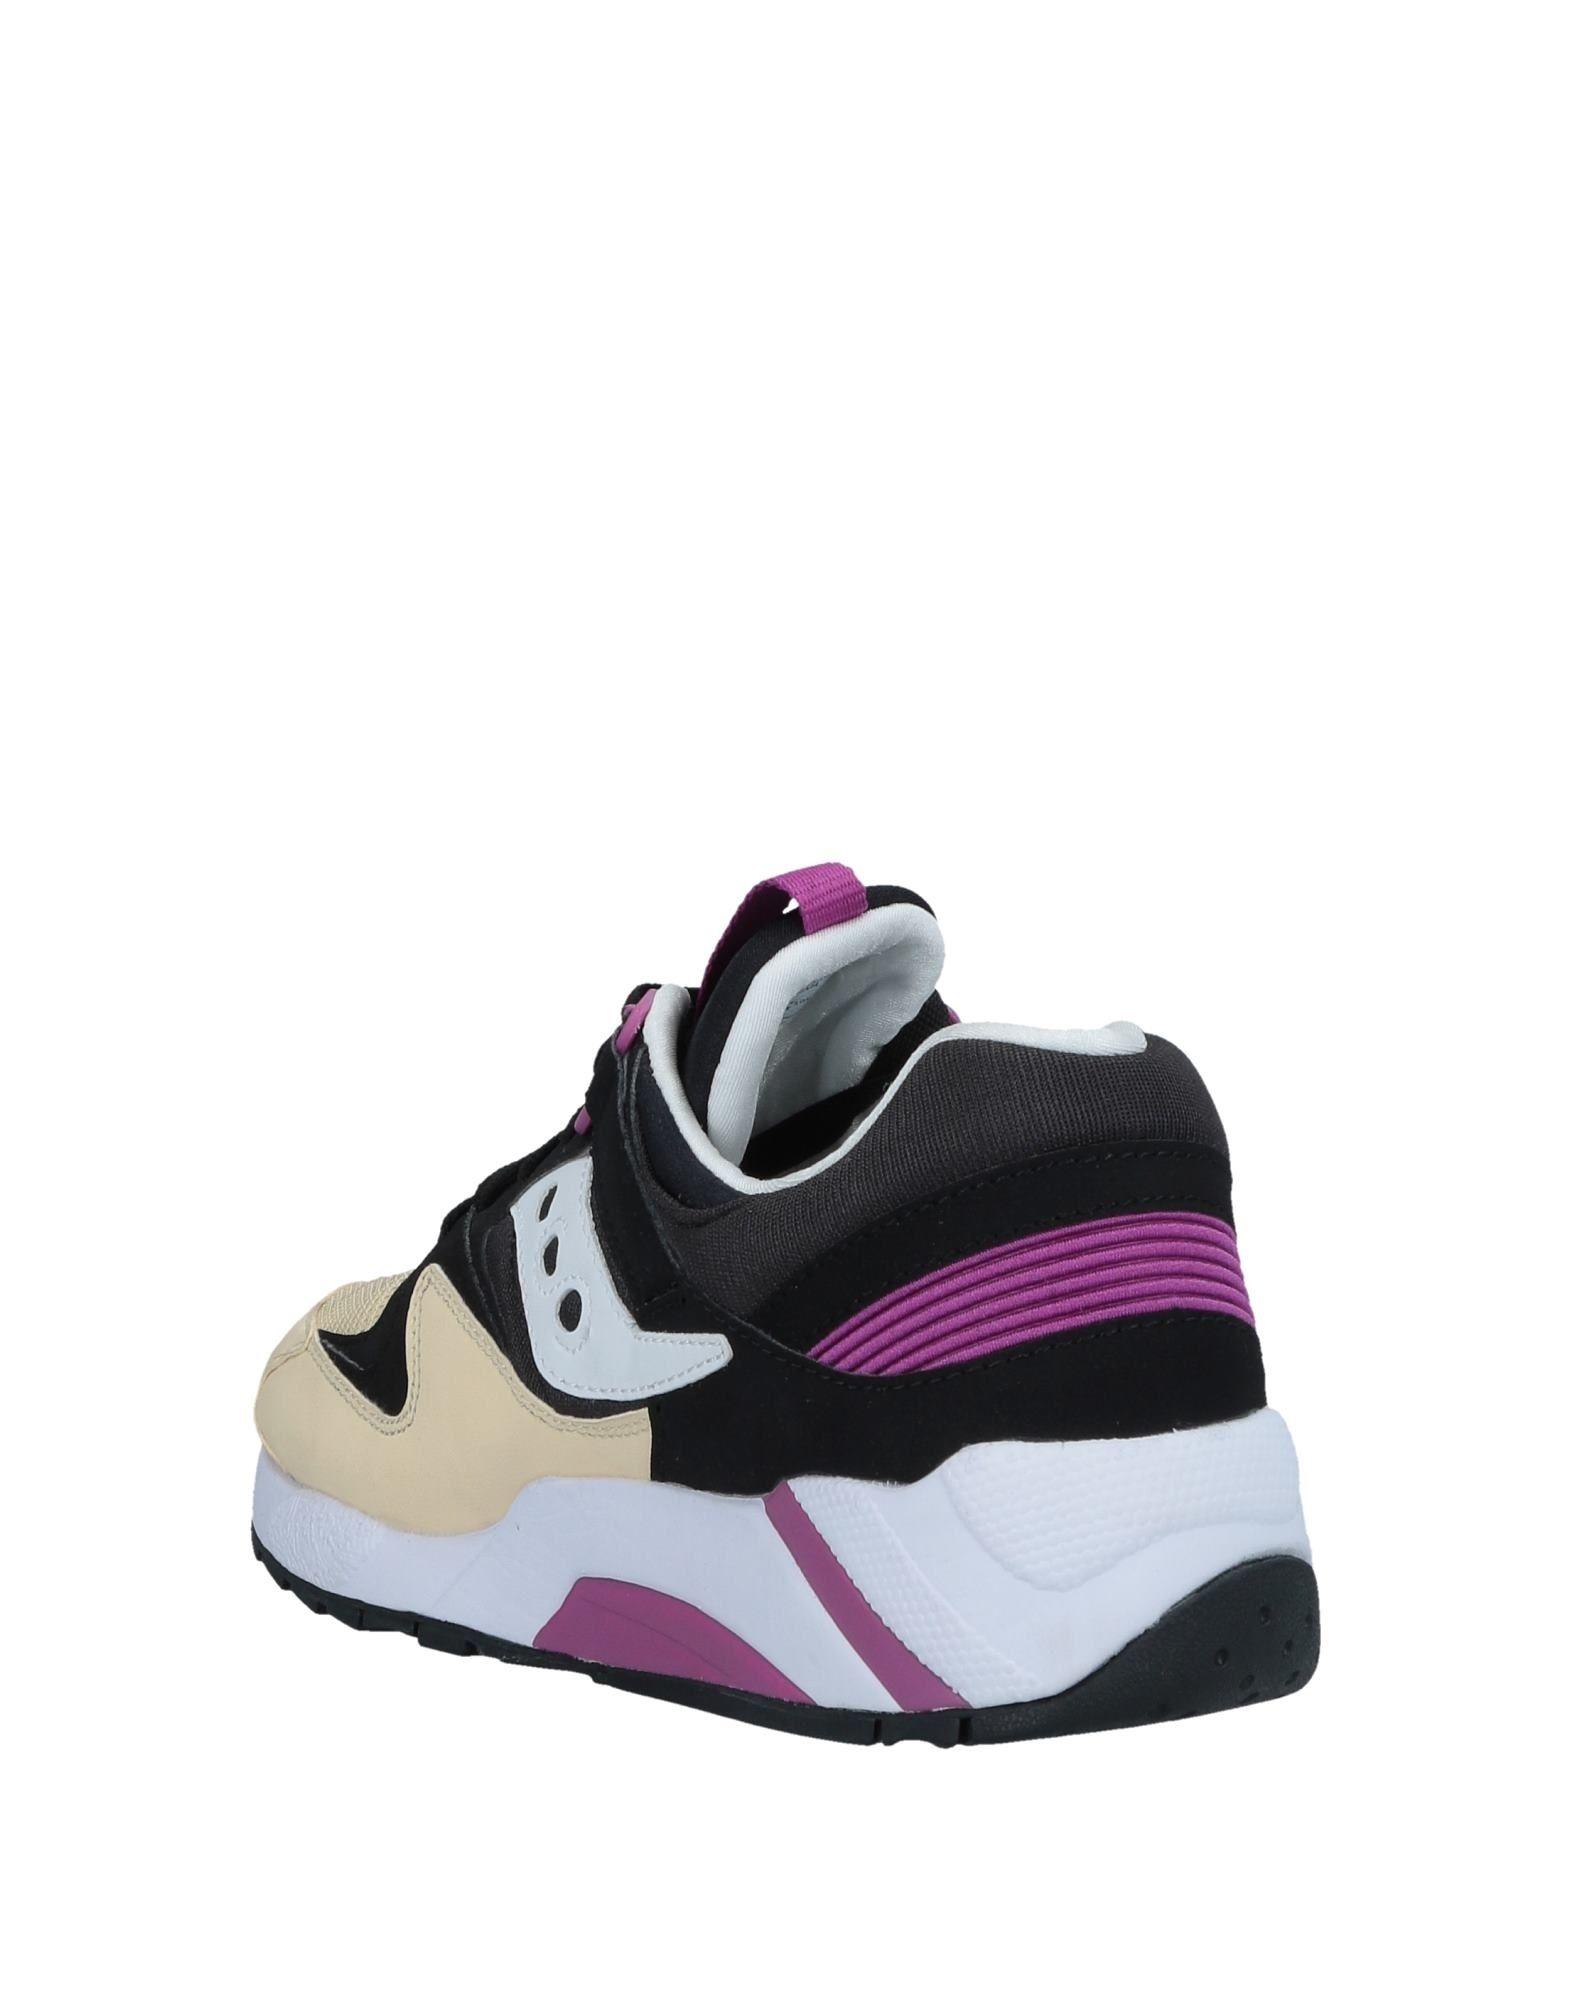 Saucony Sneakers lohnt Herren Gutes Preis-Leistungs-Verhältnis, es lohnt Sneakers sich,Billig-20853 eb7464